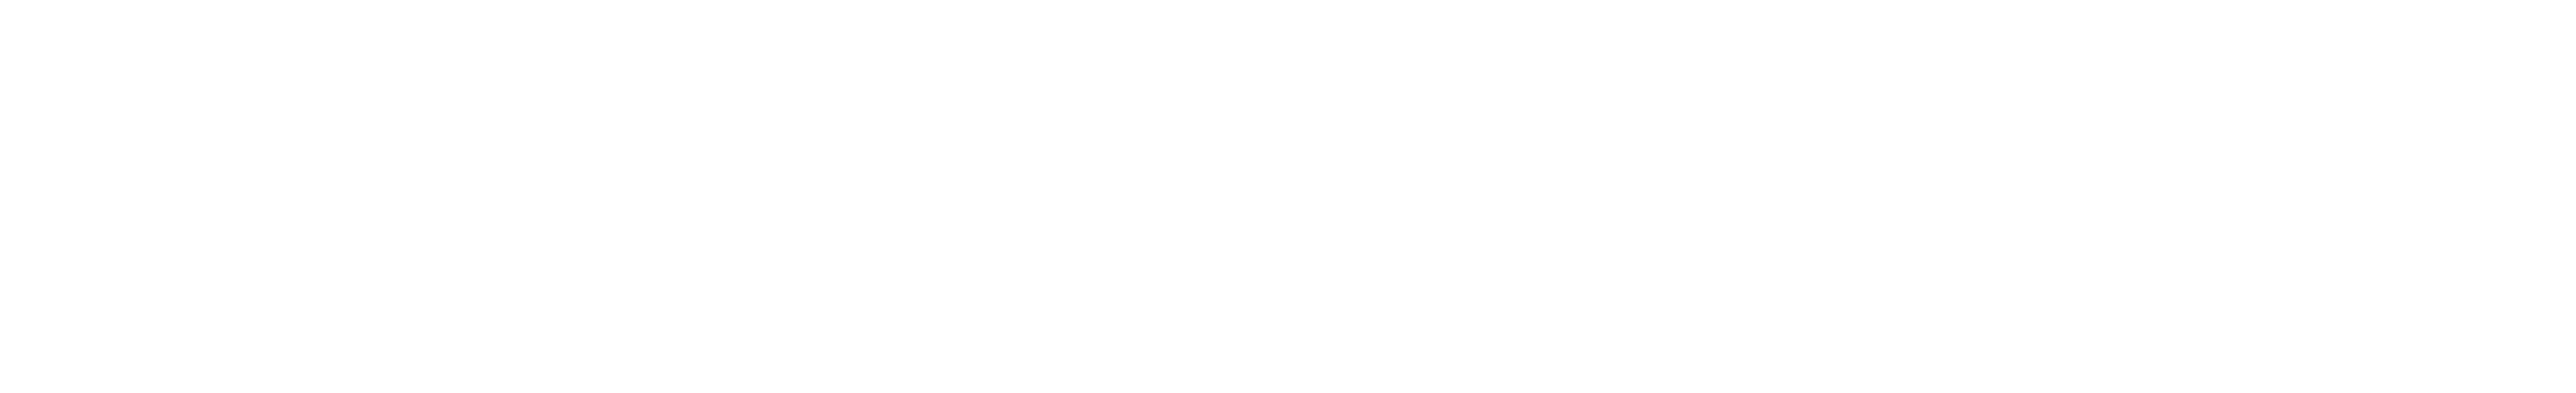 logokme360_2020_Campus_Blanco-1